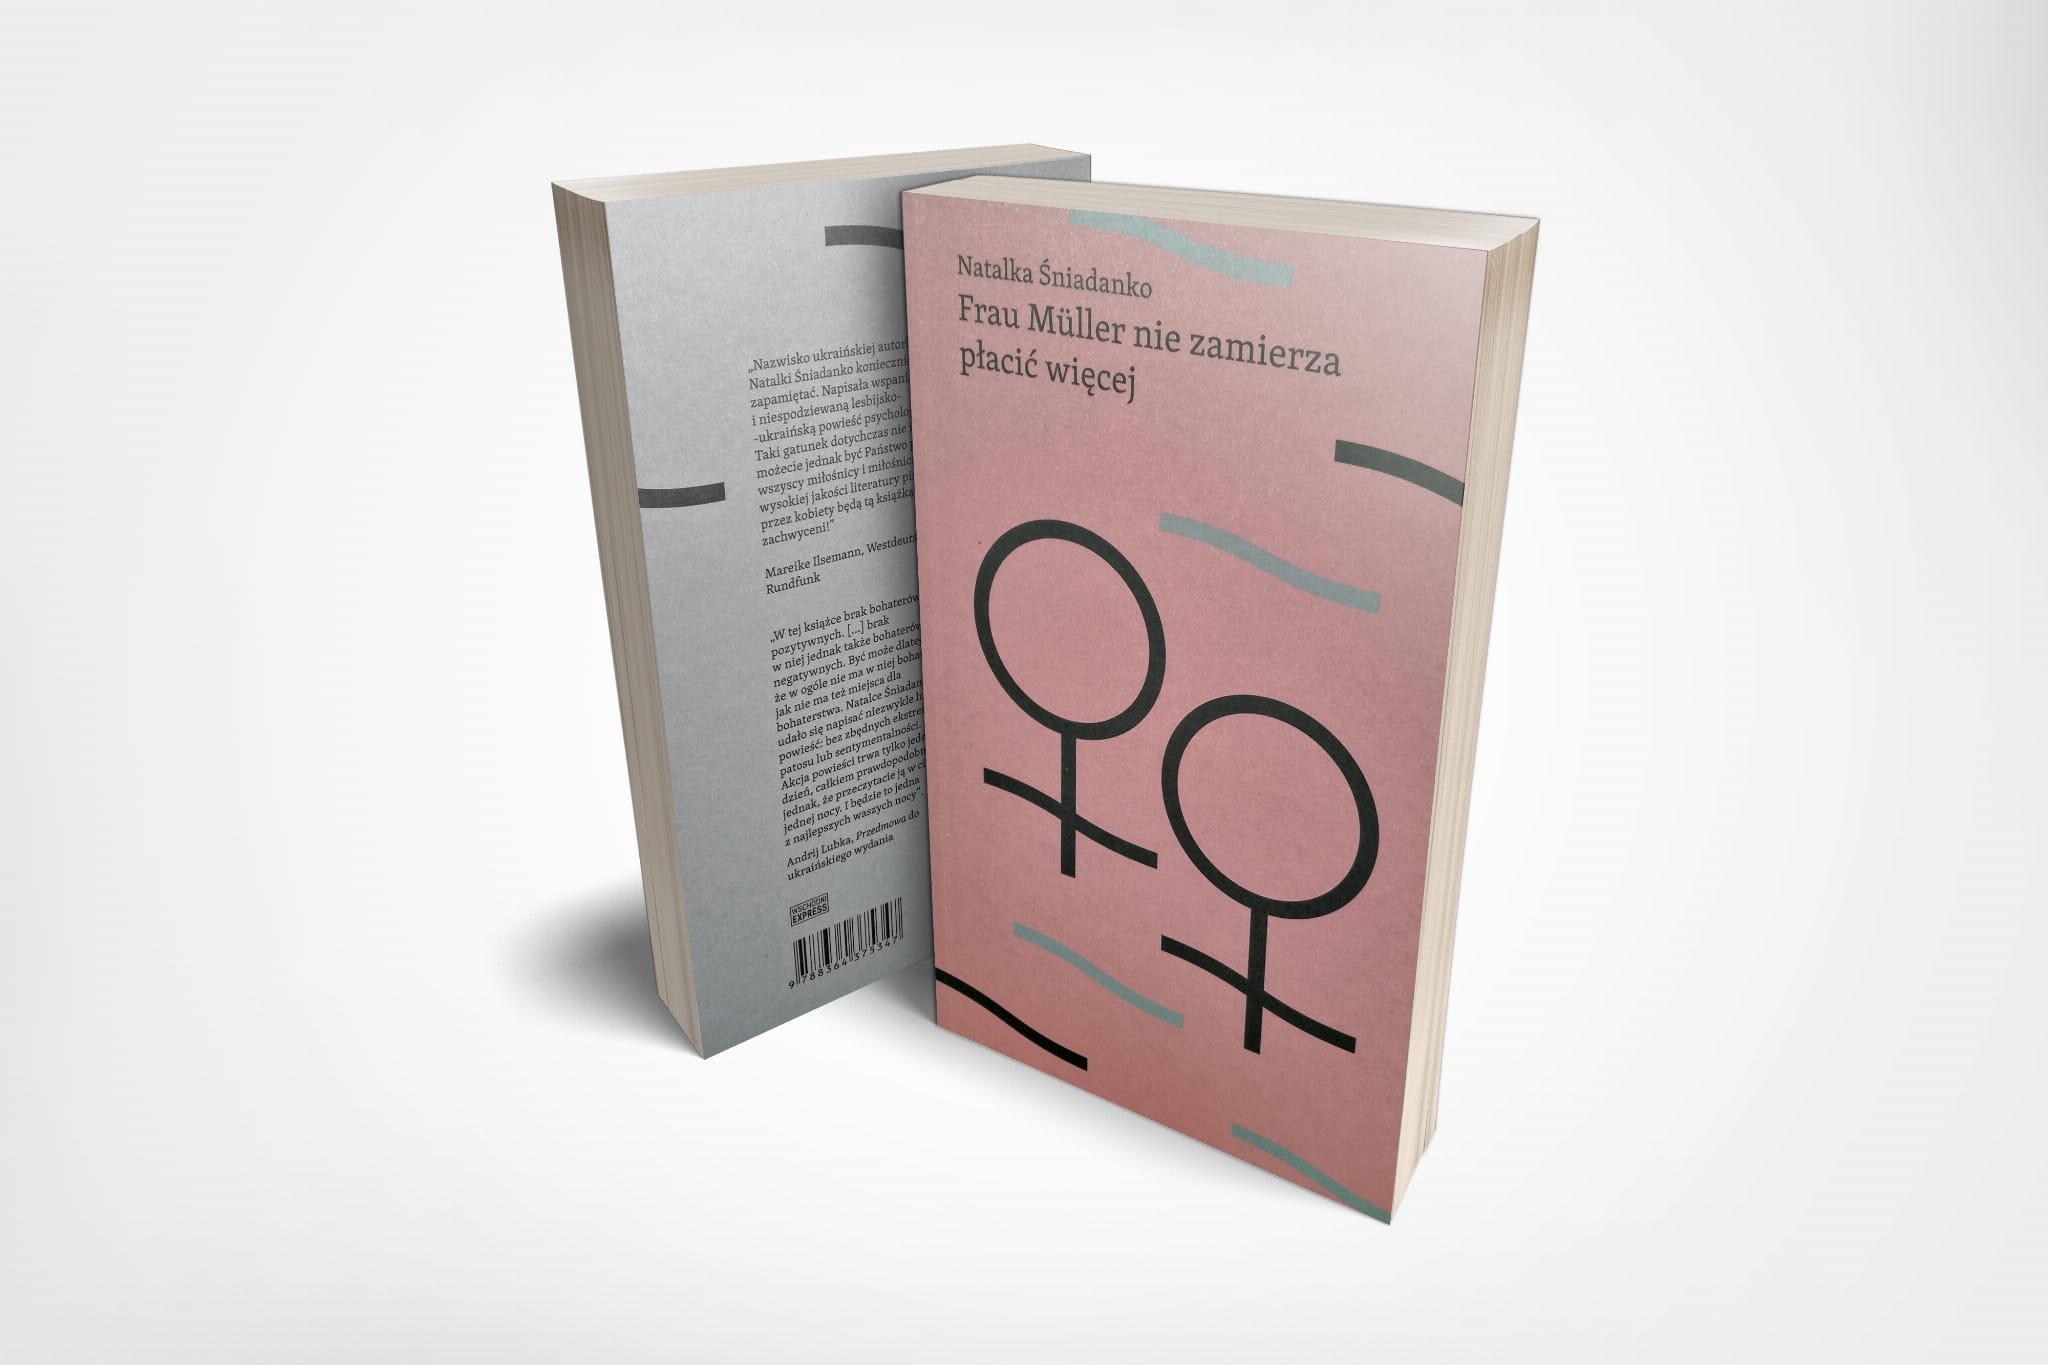 Na zdjęciu znajduje cie książka Natalki Śniadanko. Na okładce widzimy symbol kobiecości na różowym tle. Ilustracja wykonana jest w prostym geometrycznym stylu.